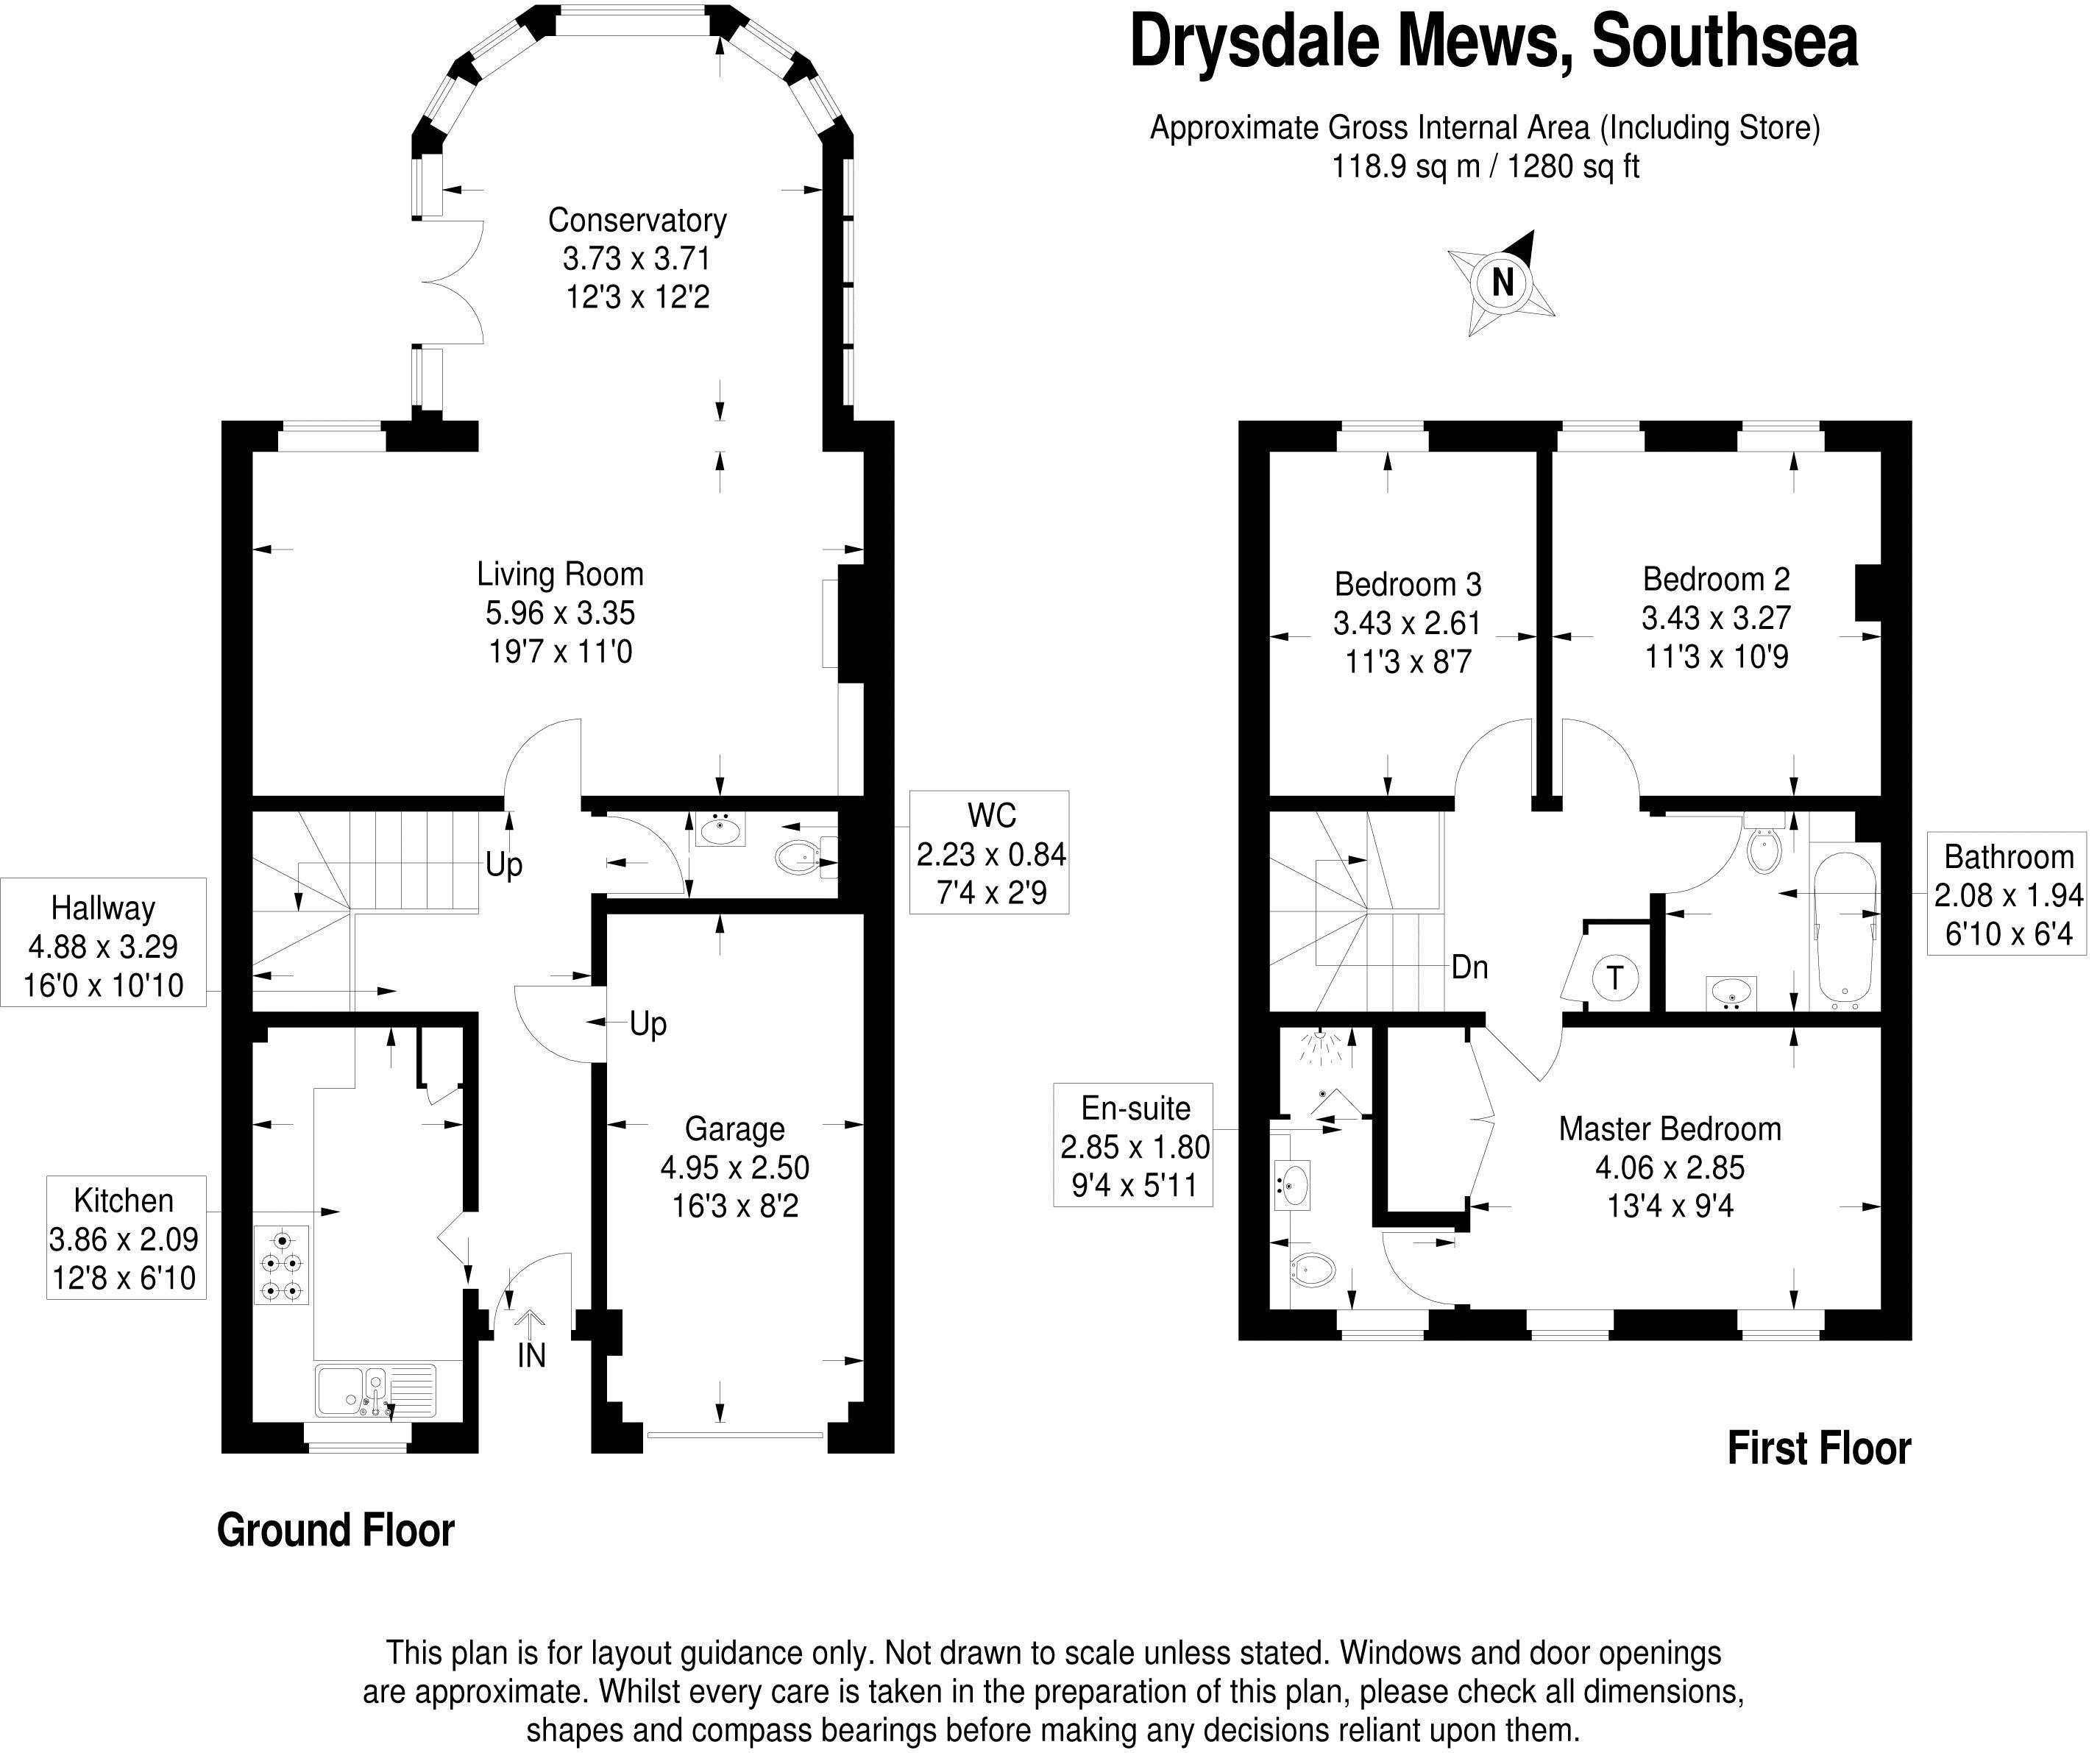 Drysdale Mews